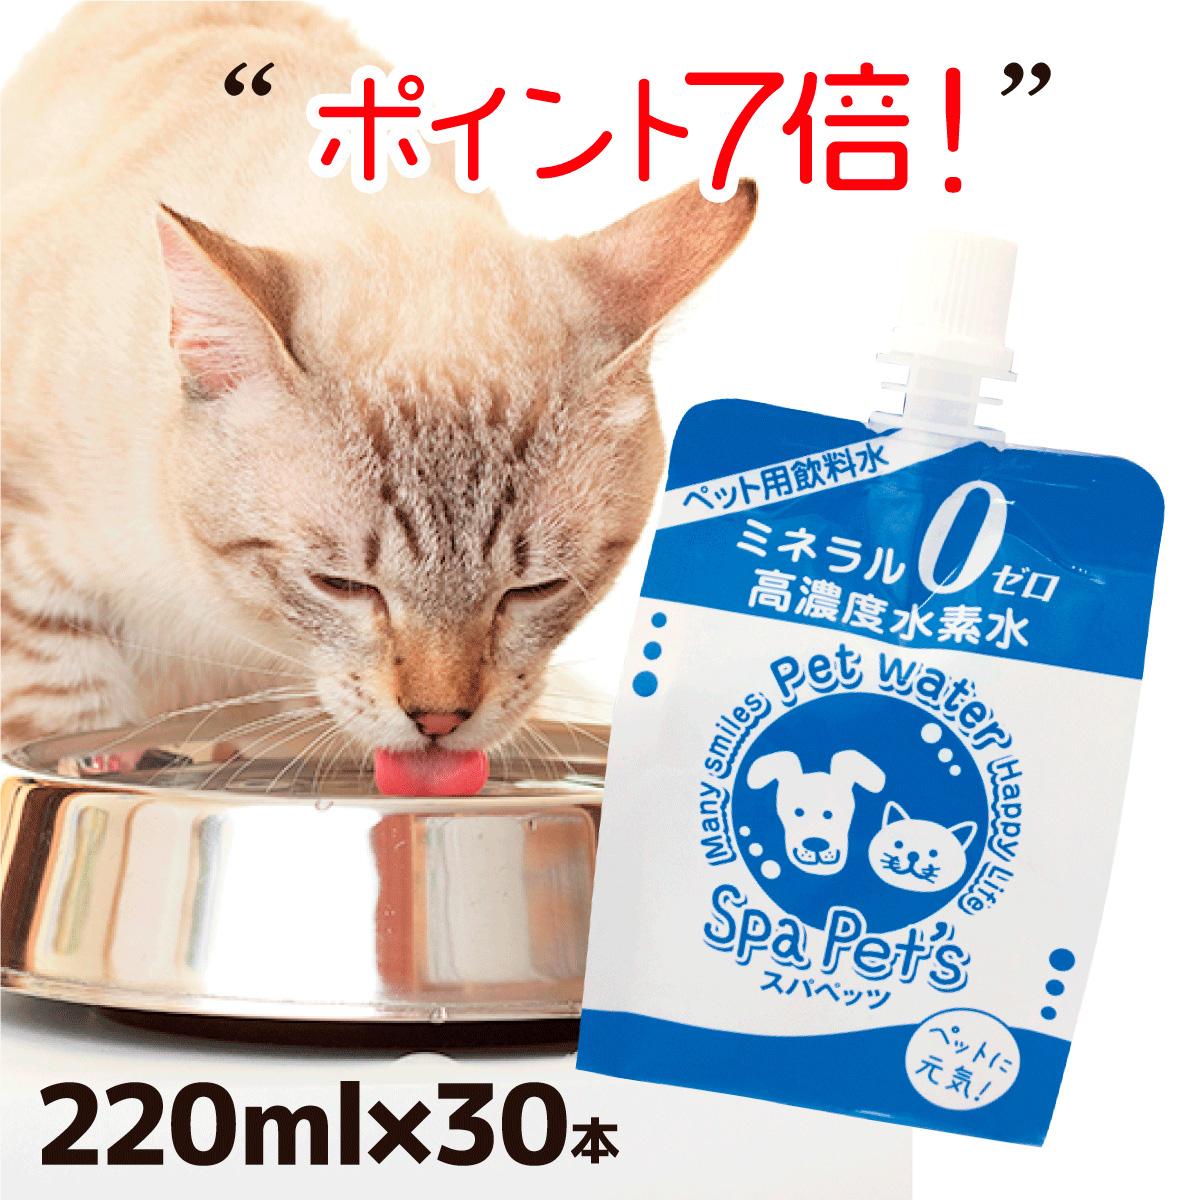 一番人気の30本セット!日本初!ペット用高濃度水素水スパペッツ!愛犬愛猫の健康を安全に守ります♪ 免疫向上 ミネラルゼロ 水素水 猫 犬 送料無料 うさぎ ペット用水素水 スパペッツ 【220ml×30本】